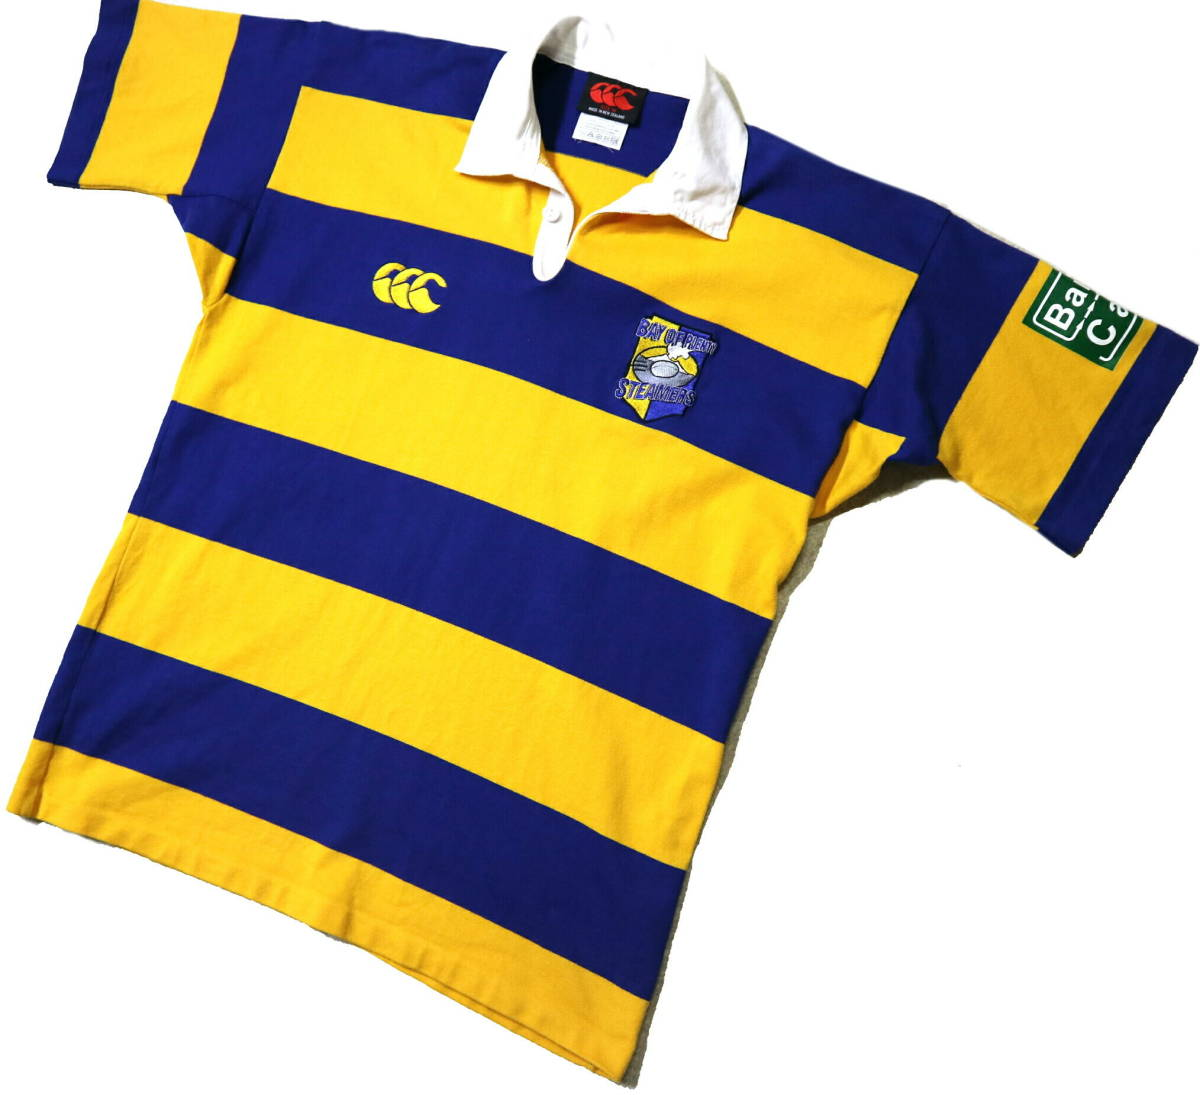 良好!◆NZ製 カンタベリー STEAMERS 刺繍&プリント ラガーシャツ◆やや大きめLサイズ